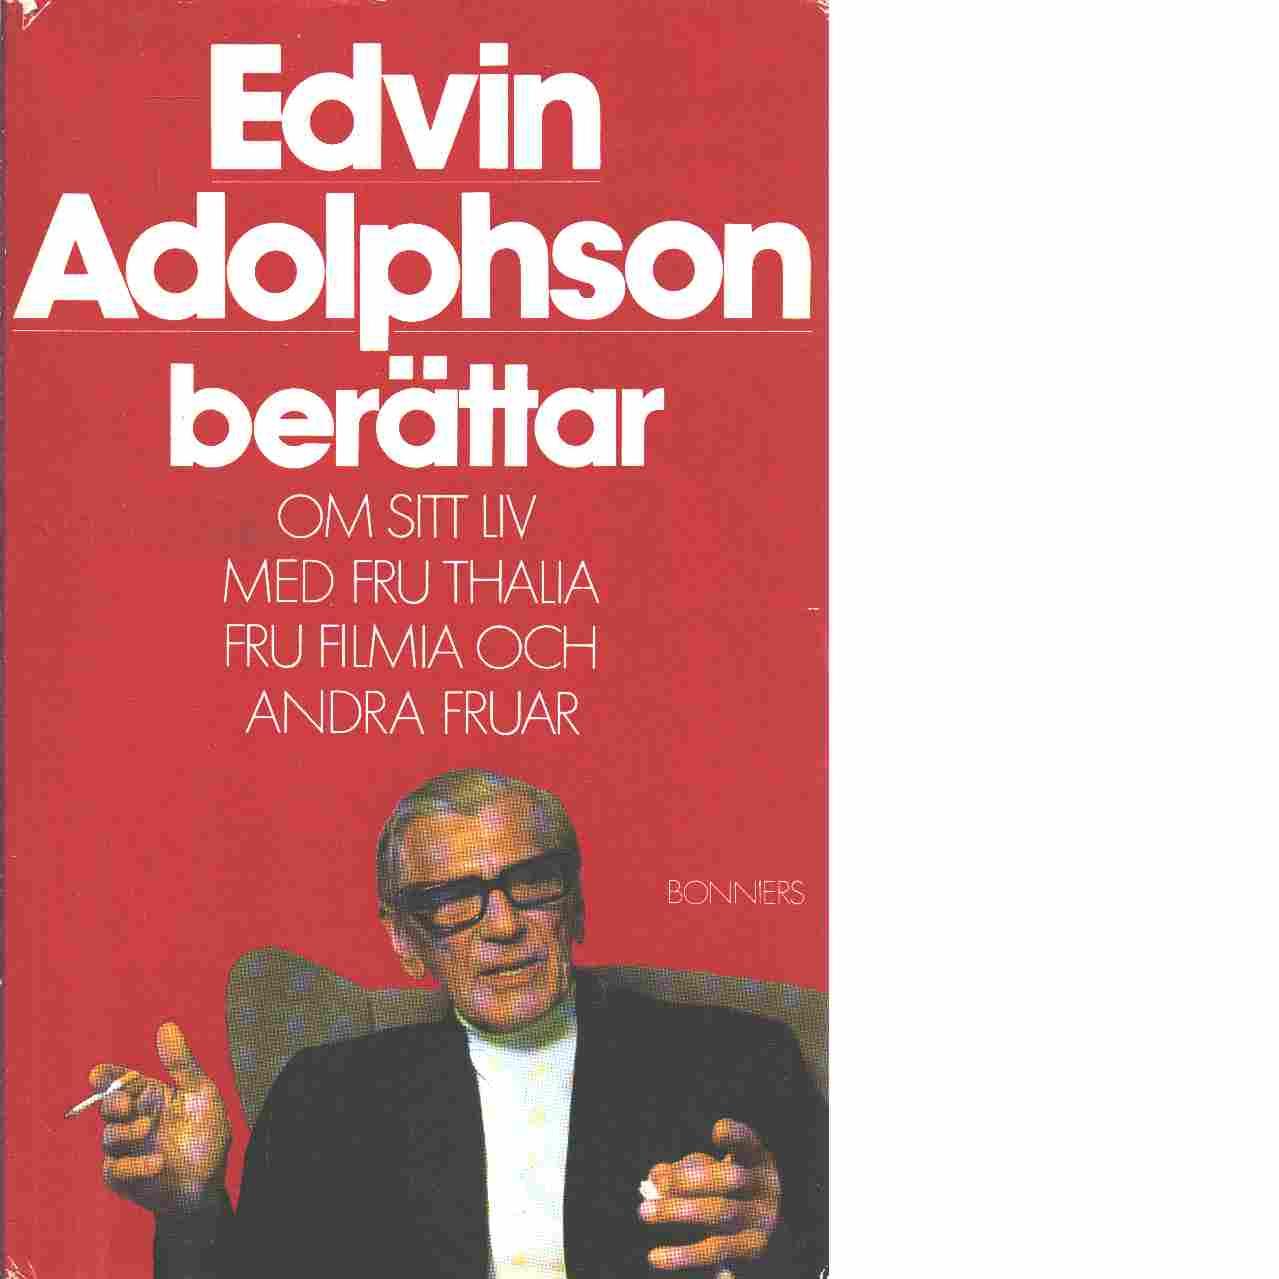 Edvin Adolphson berättar om sitt liv med fru Thalia, fru Filmia och andra fruar - Adolphson, Edvin